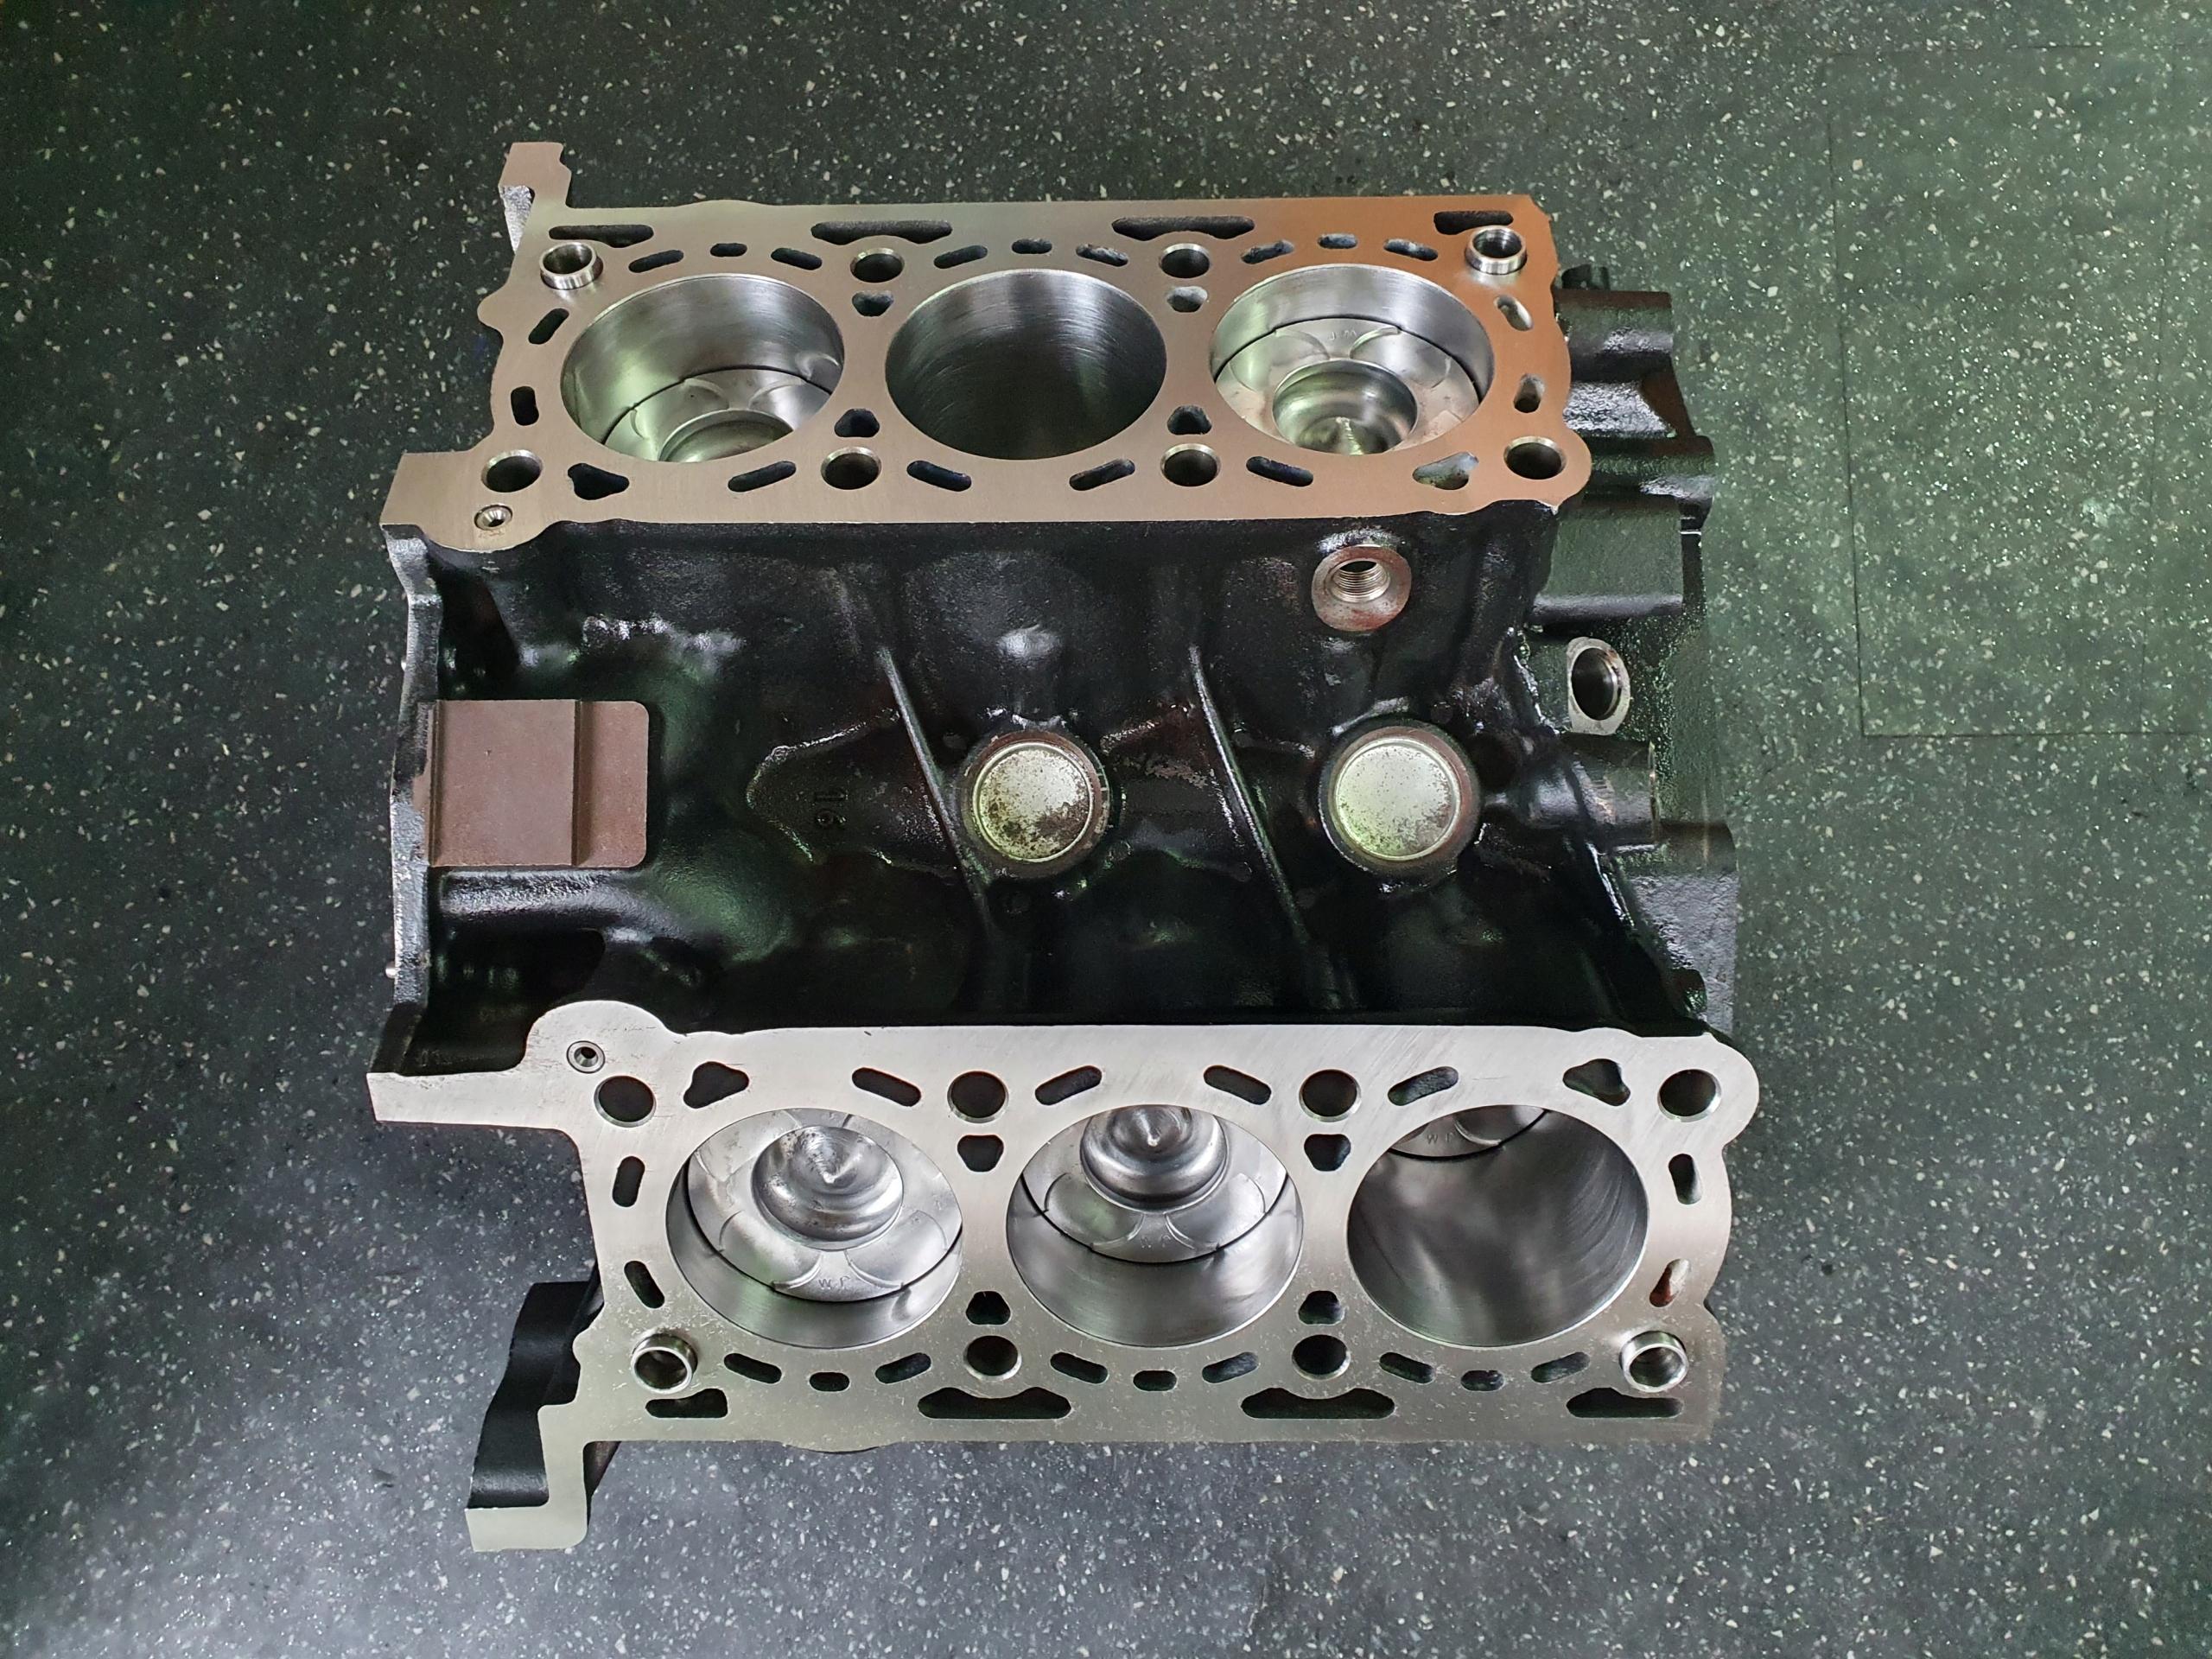 джип 30d vm63d вниз, вниз, вниз двигателя после регенерации